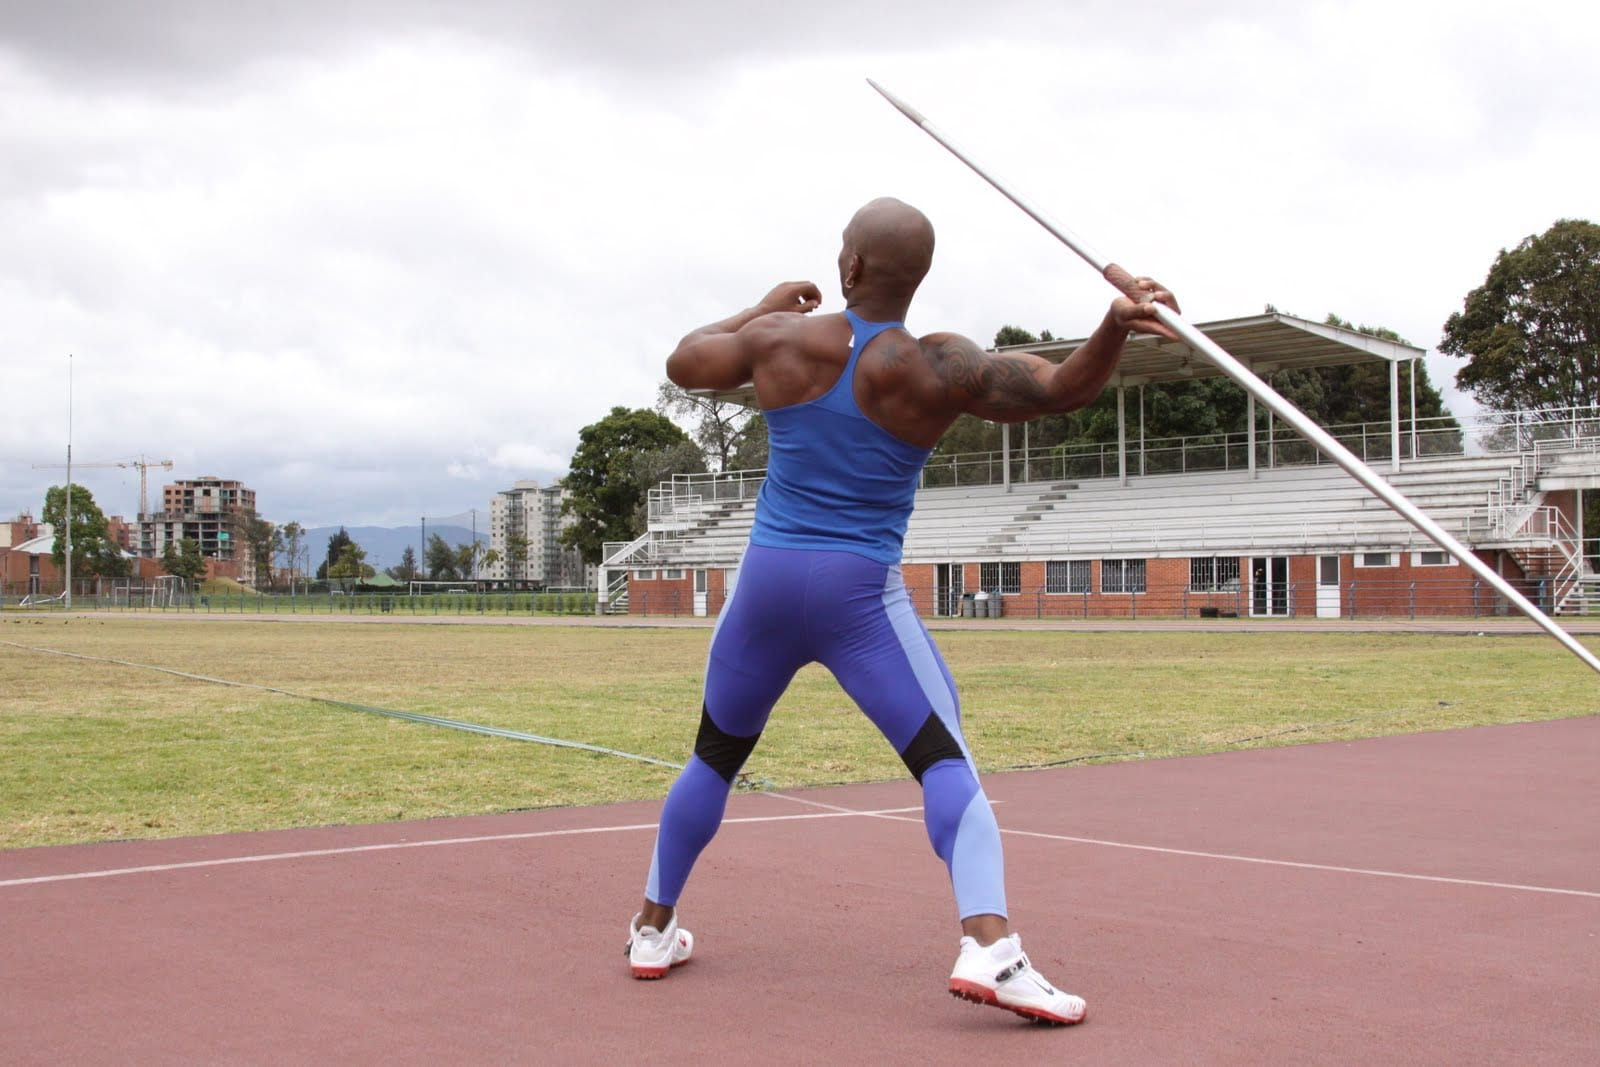 fibras musculares de contracción rápida